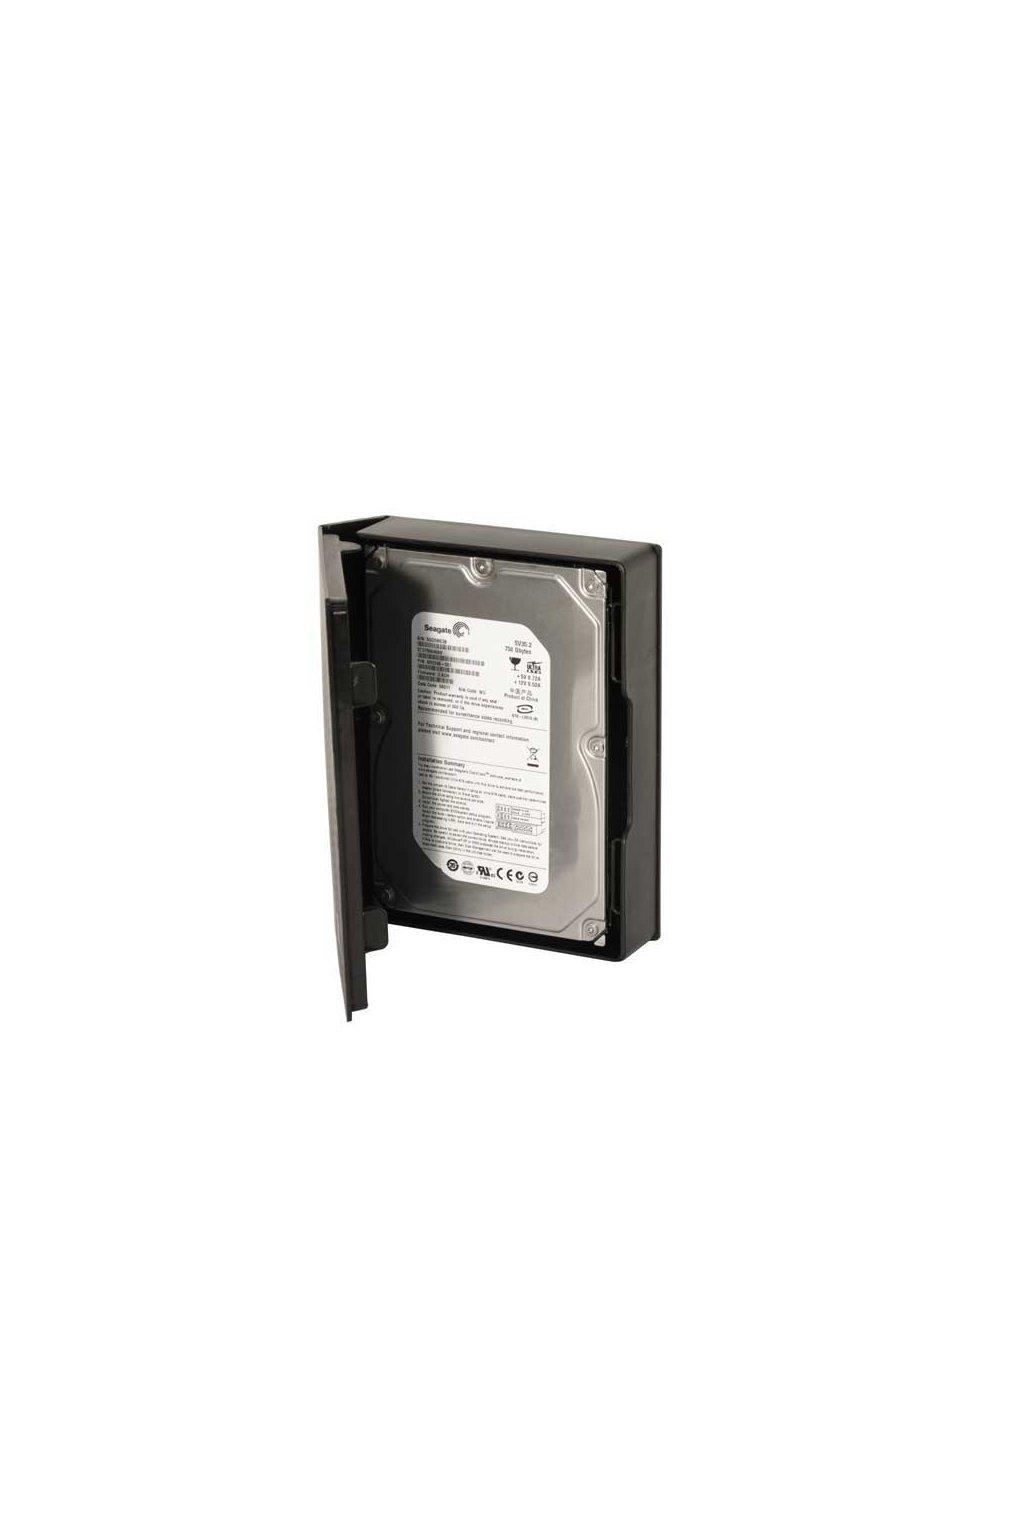 DriveBox2 600x600 2